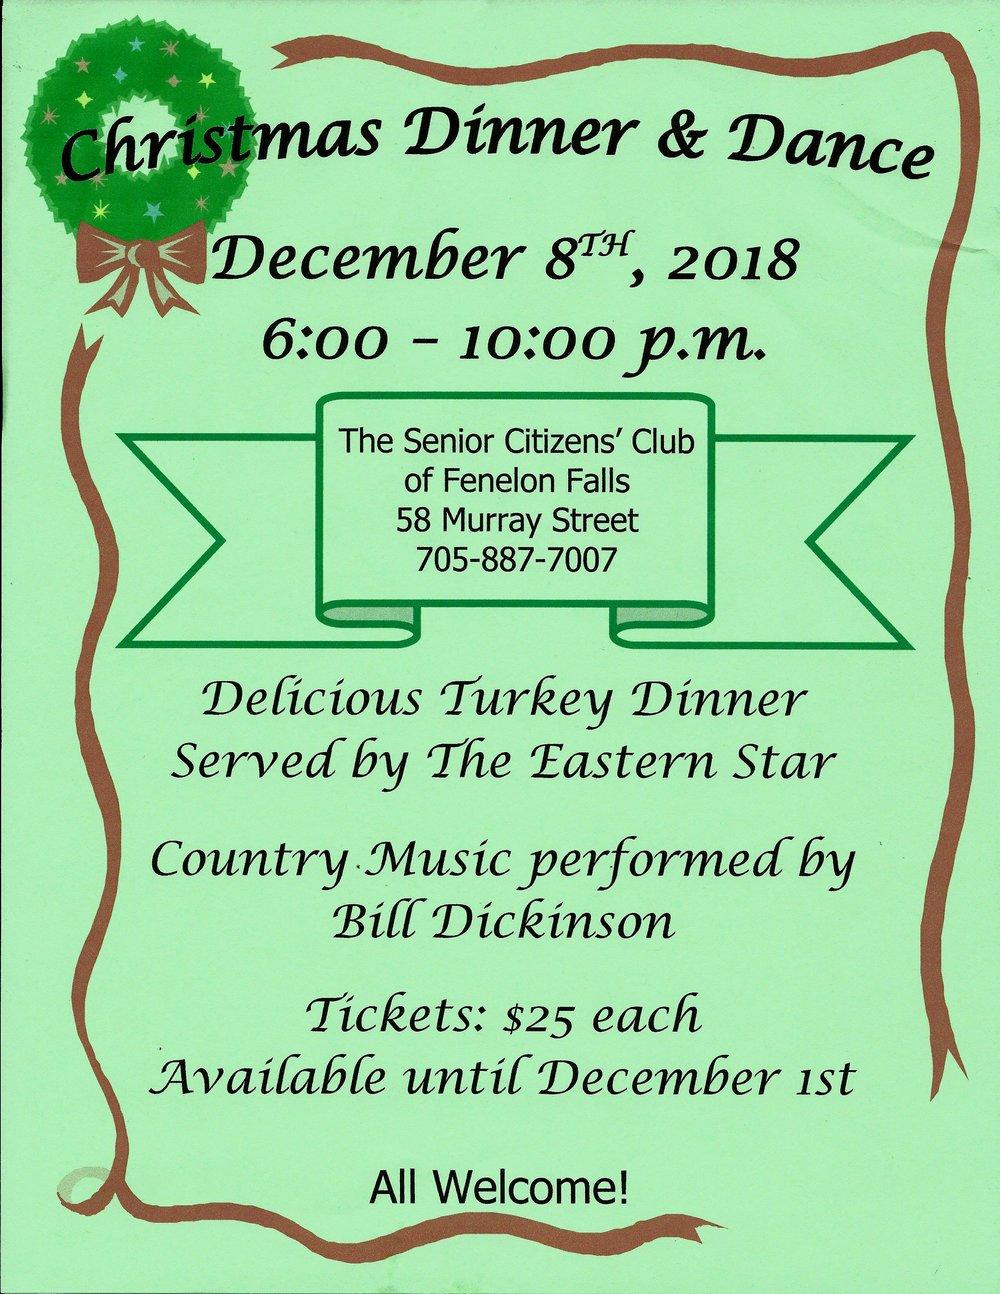 Christmas Dinner & Dance 2018 poster.jpg